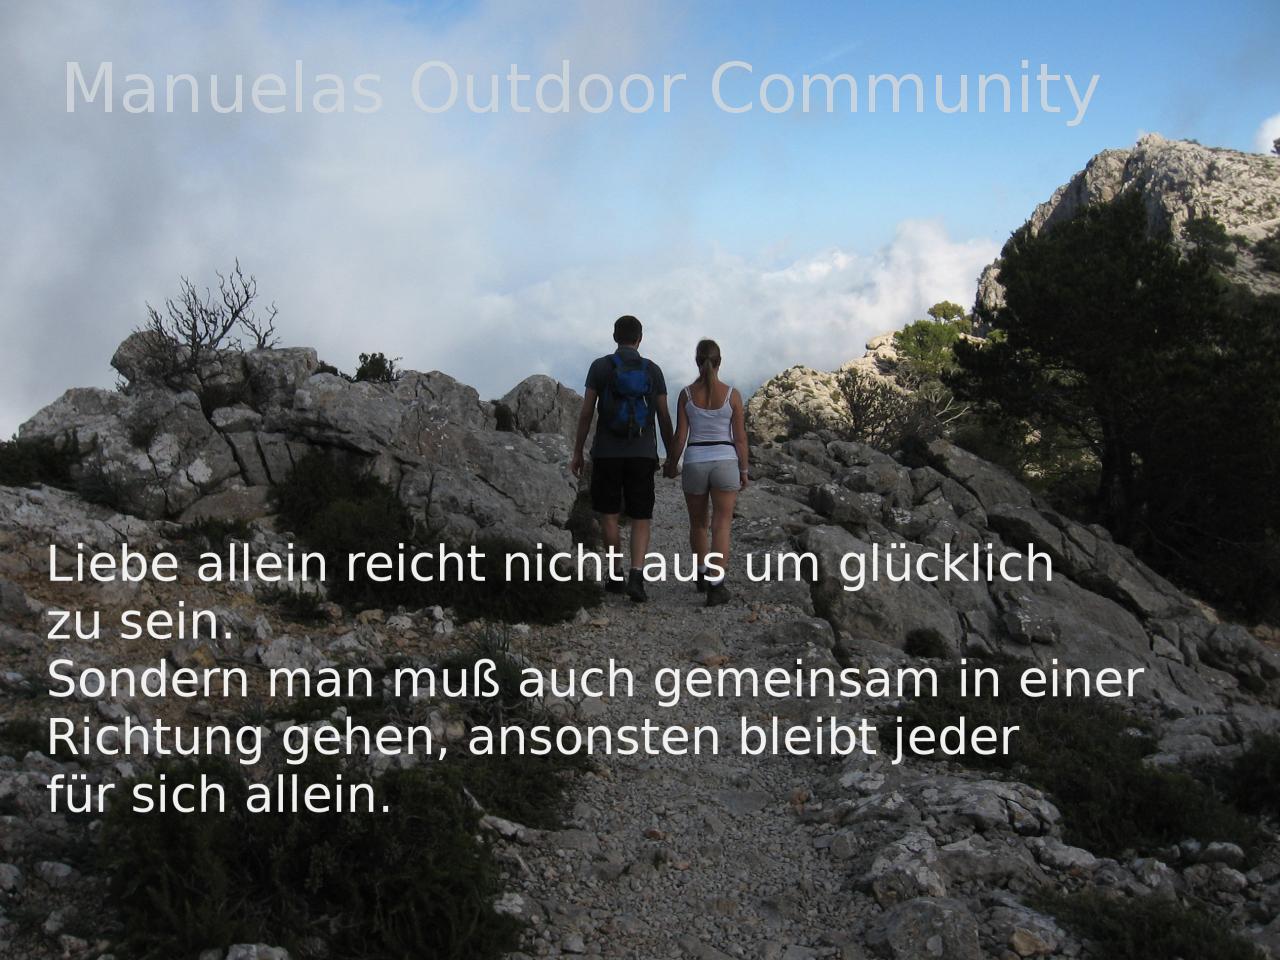 sprüche über zusammenhalt Liebe Zusammenhalt  Spruch: Outdoor Community sprüche über zusammenhalt